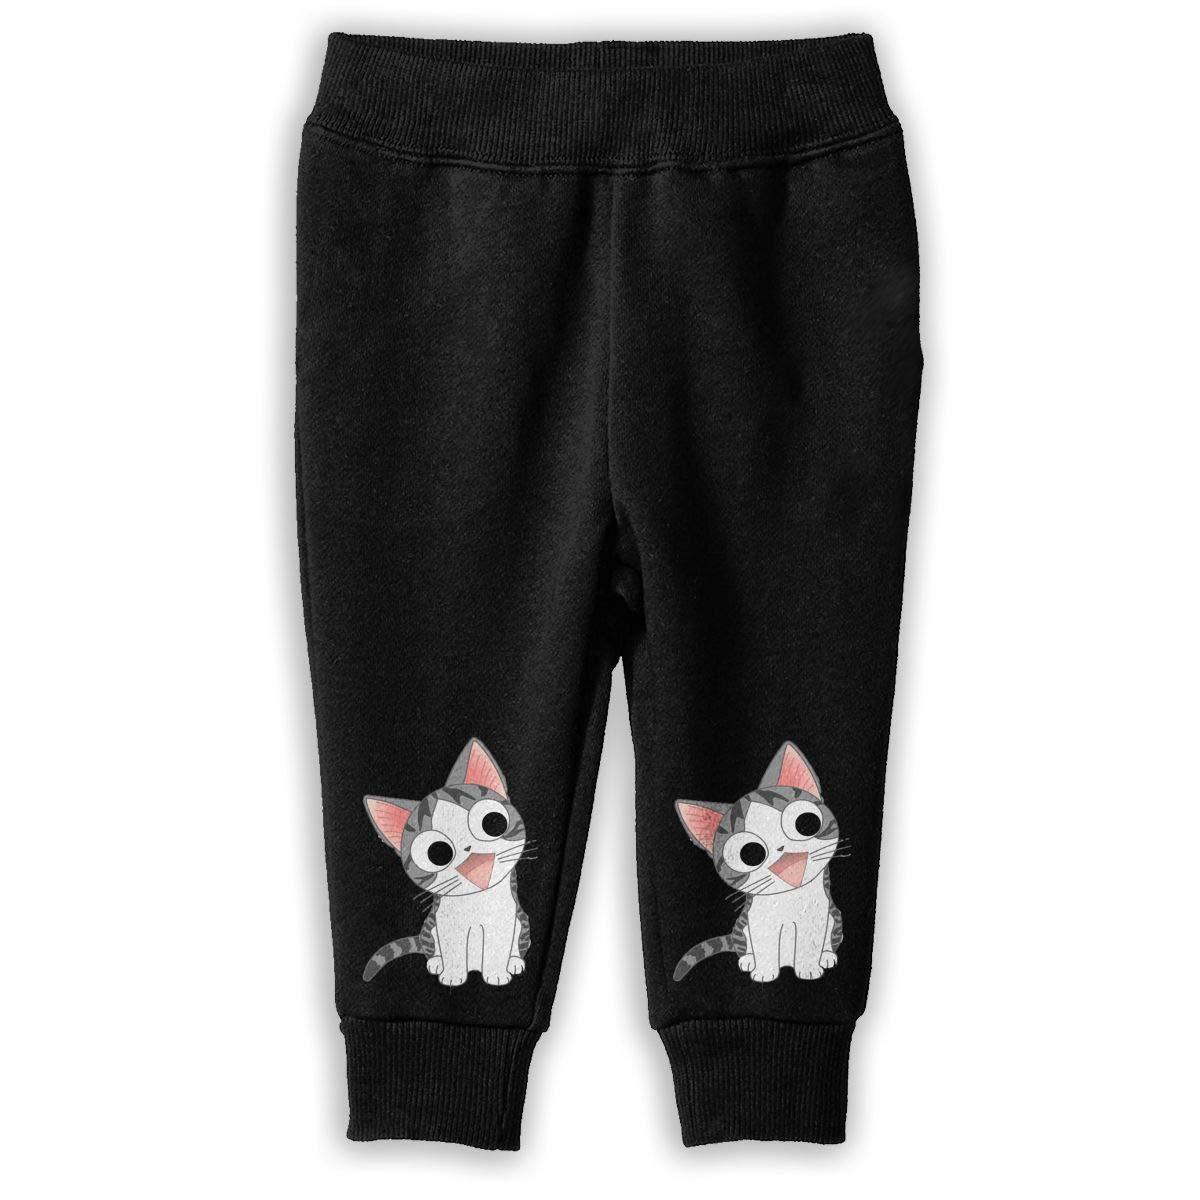 2-6T Cute Shrimp Childrens Sweatpants Classic Jogger Pants Active Pants Cotton Pants